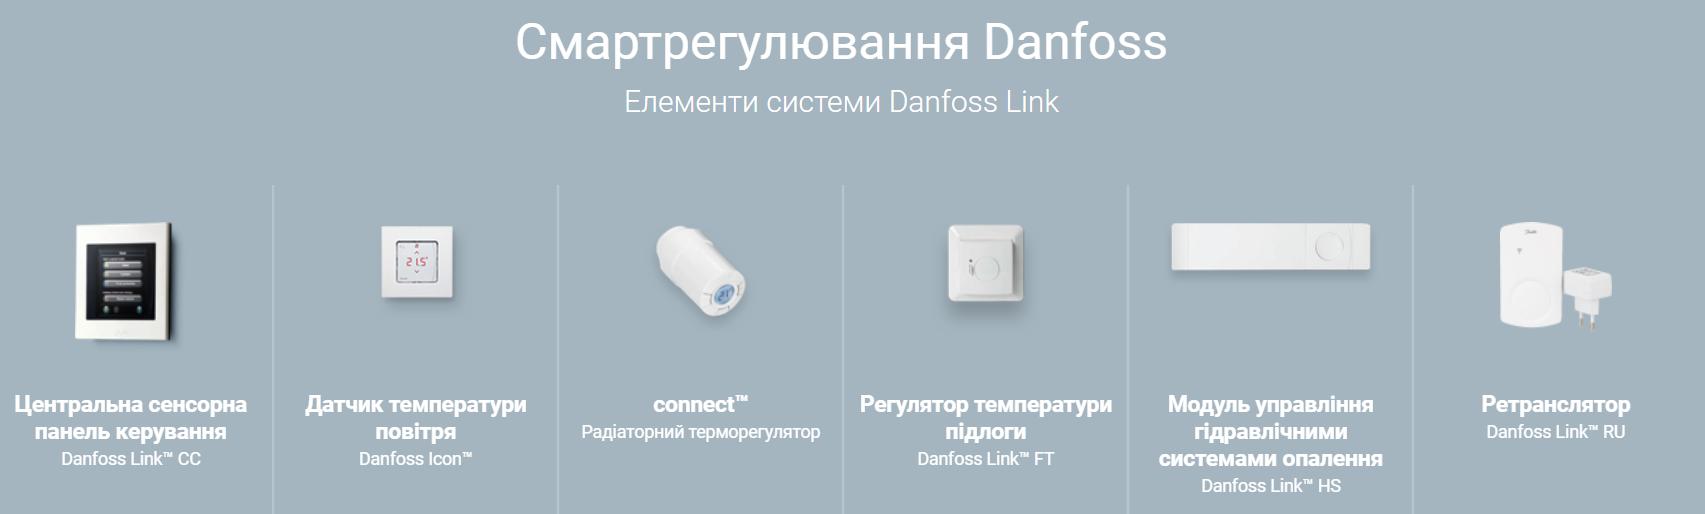 Регулятор АЕ является одним из элементов системы Danfos Link